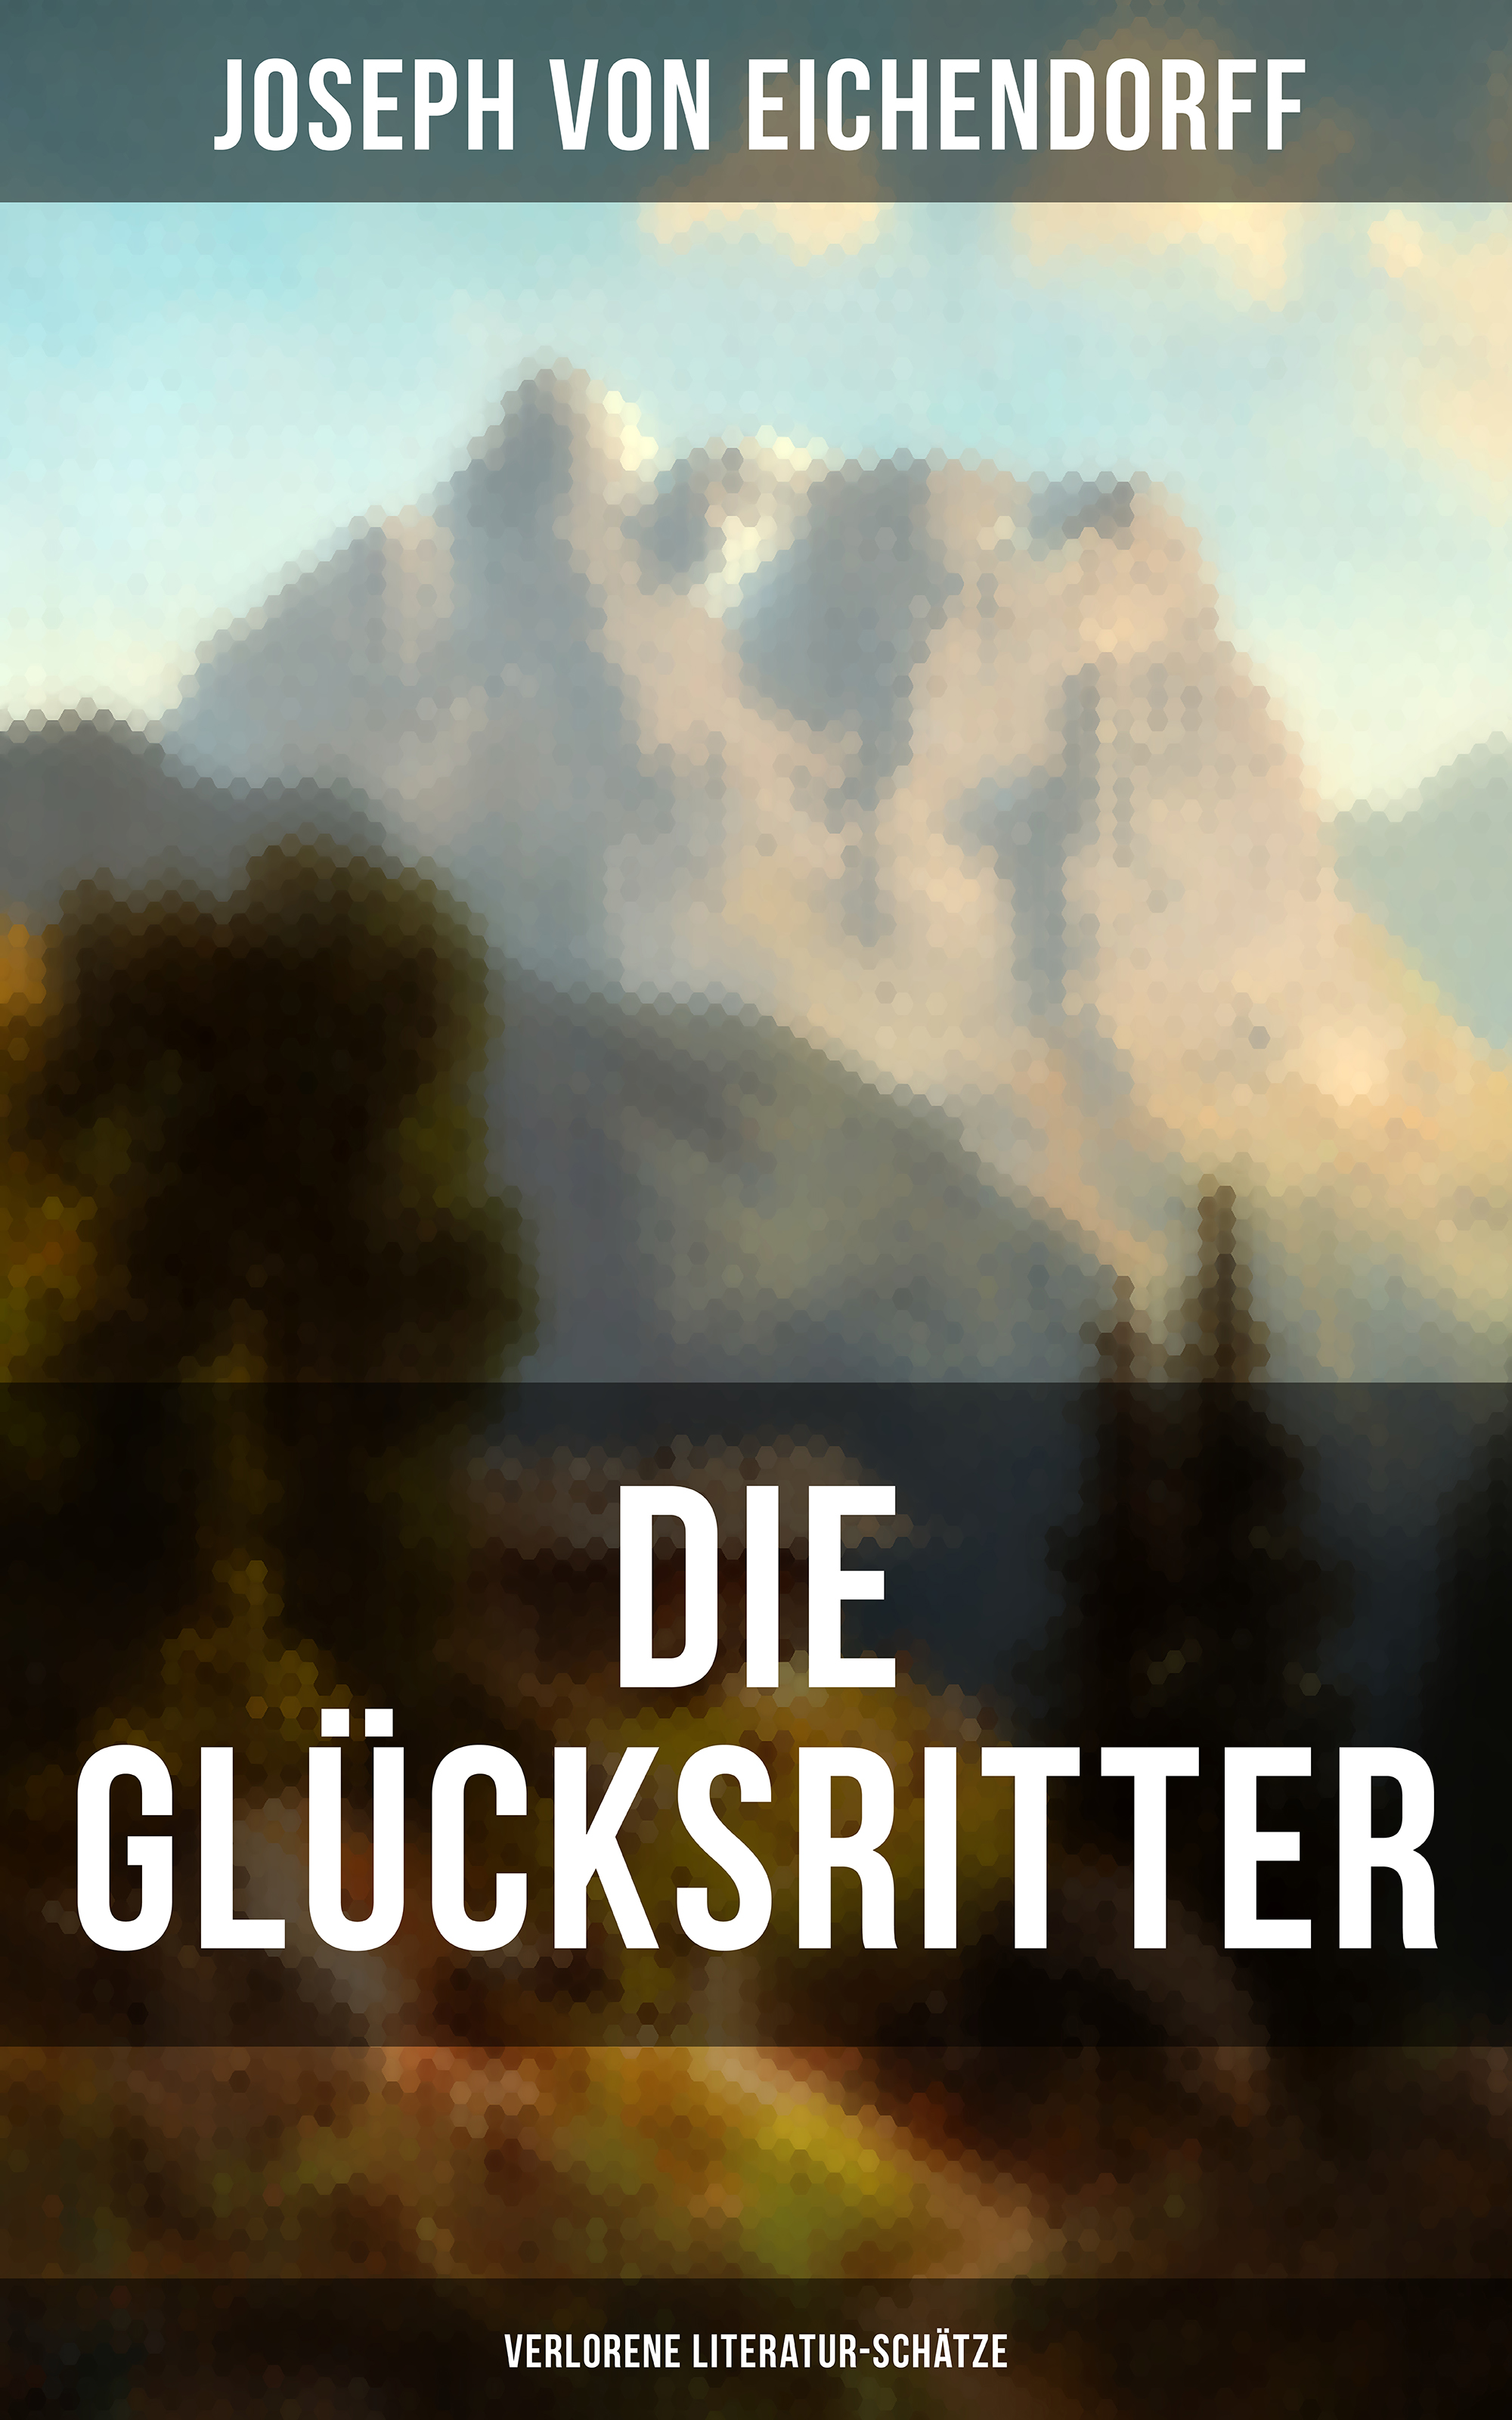 цена Joseph von Eichendorff Die Glücksritter (Verlorene Literatur-Schätze) онлайн в 2017 году